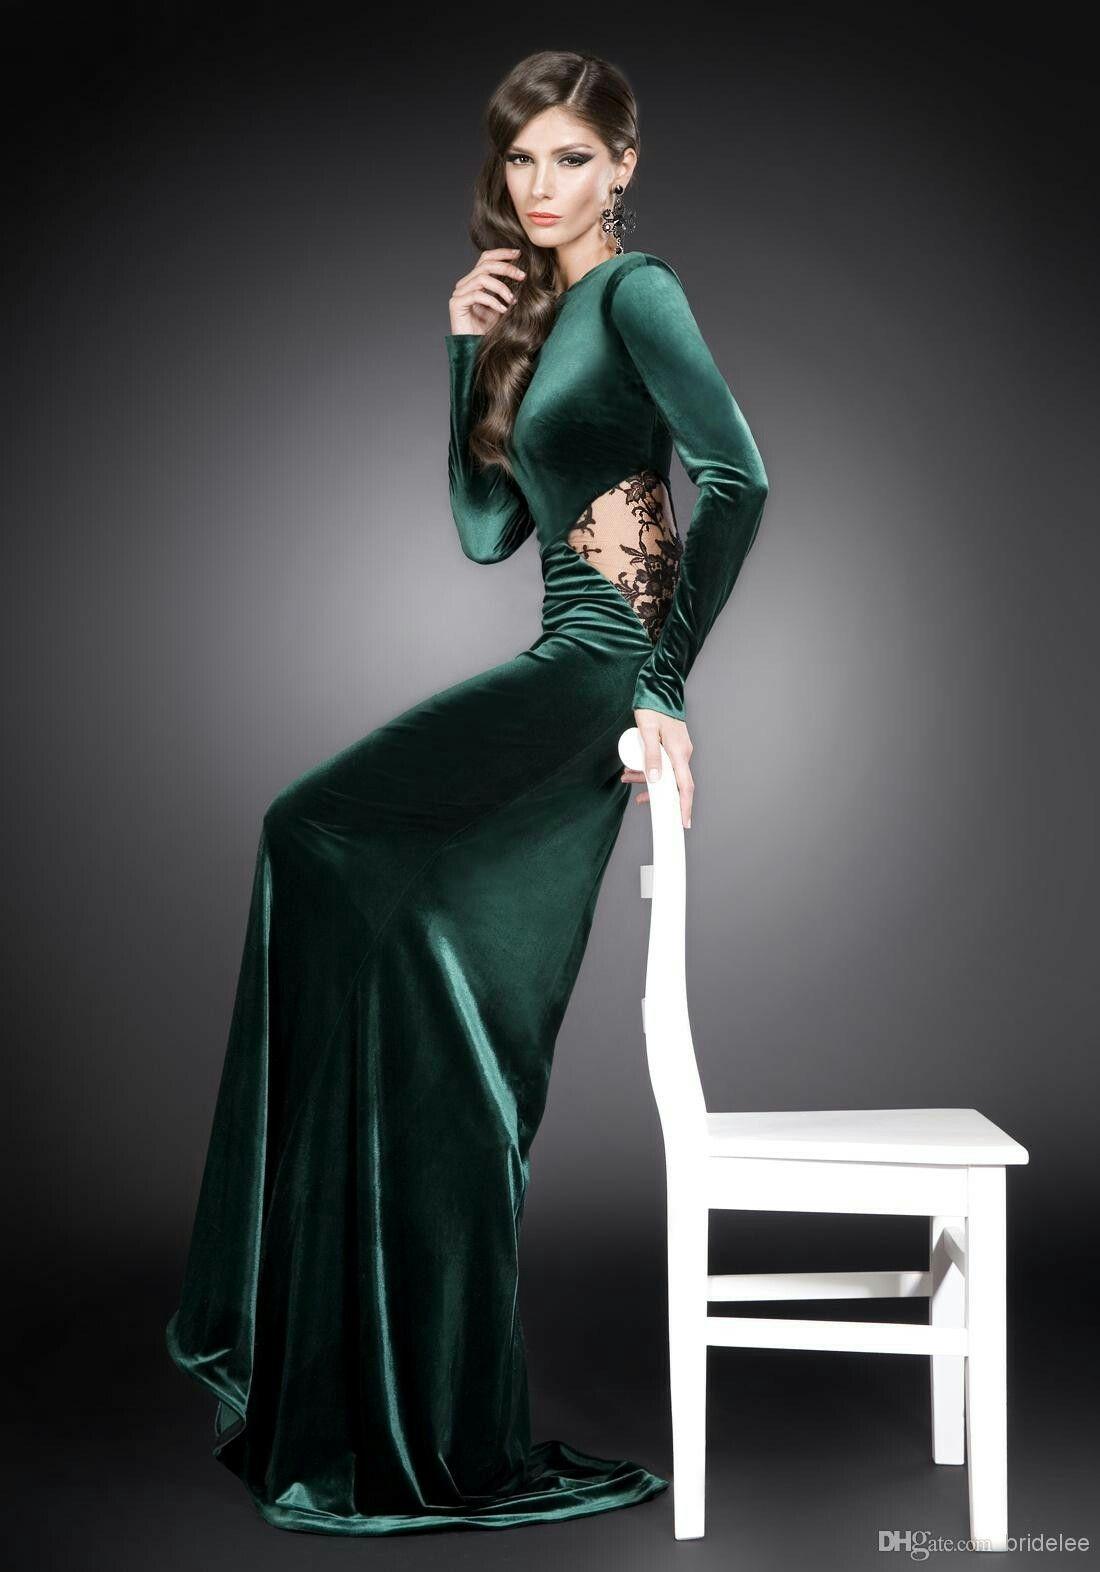 Green velvet dress dresses pinterest green velvet dress and